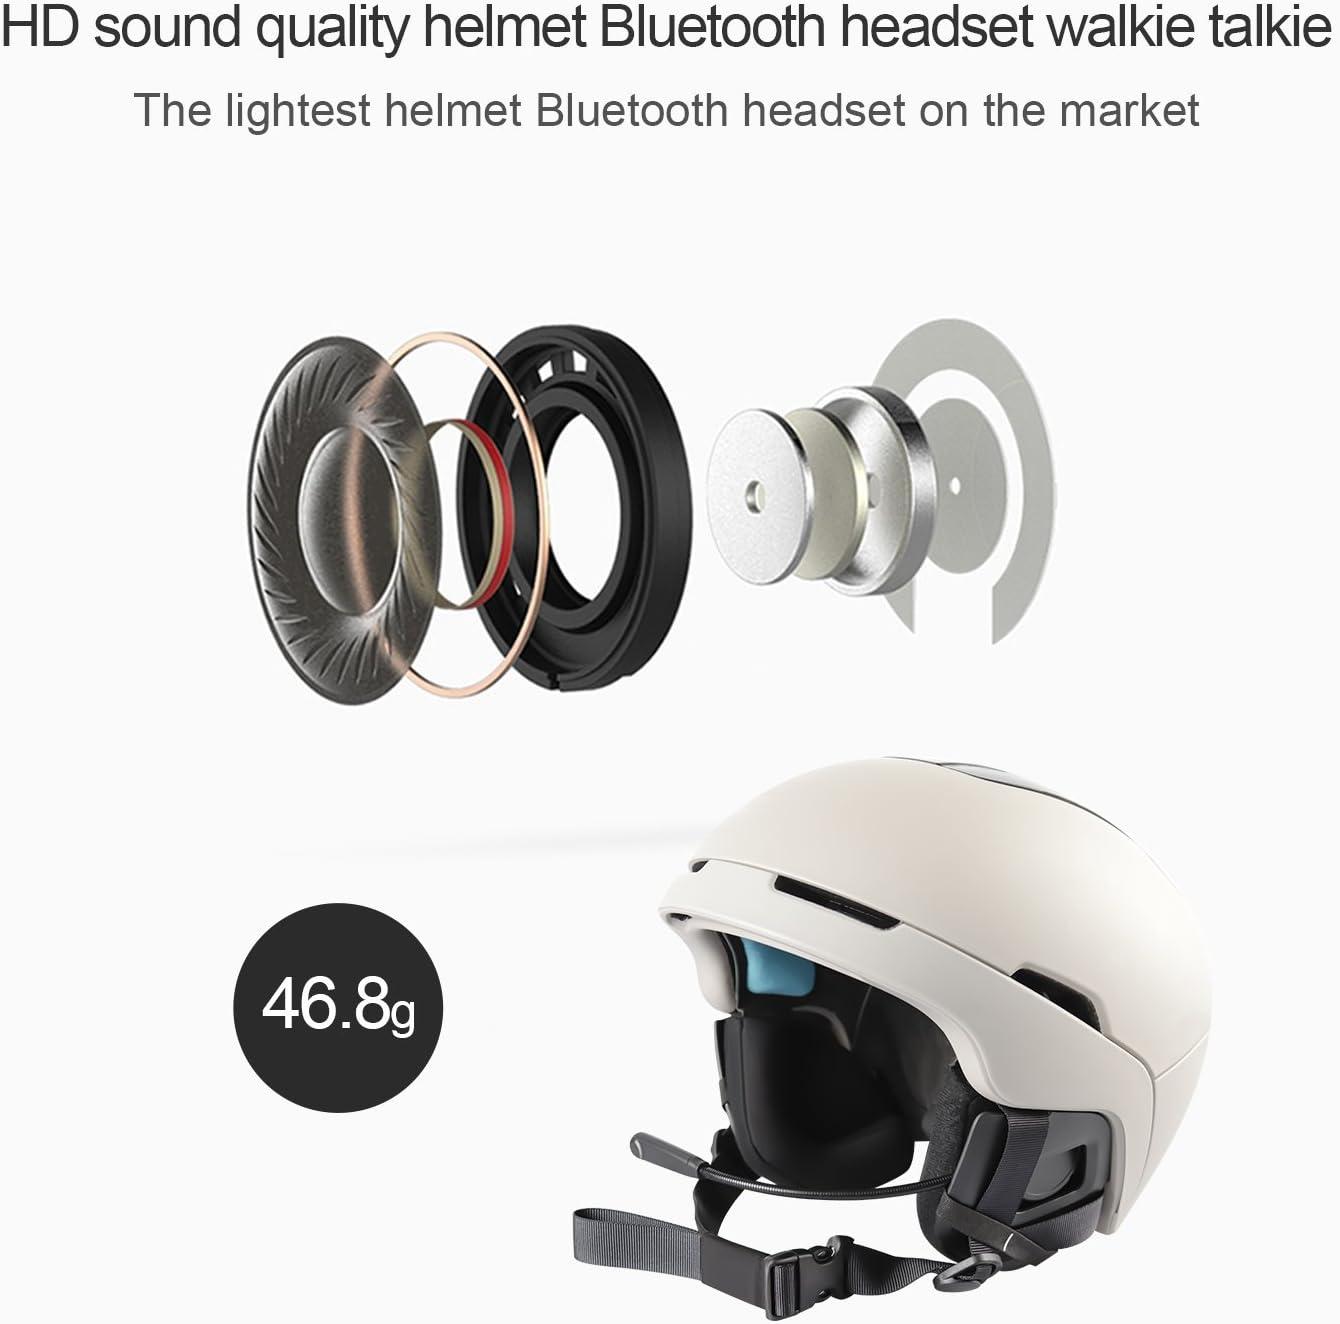 YUZEU Cuffie Bluetooth 4.1 per Casco da Moto,E1 Bluetooth 4.1 Navigatore con controllo del rumore DSP,12 ore di riproduzione,Interfono Cuffia e Microfono Sportivo per Sci Bicicletta Arrampicata